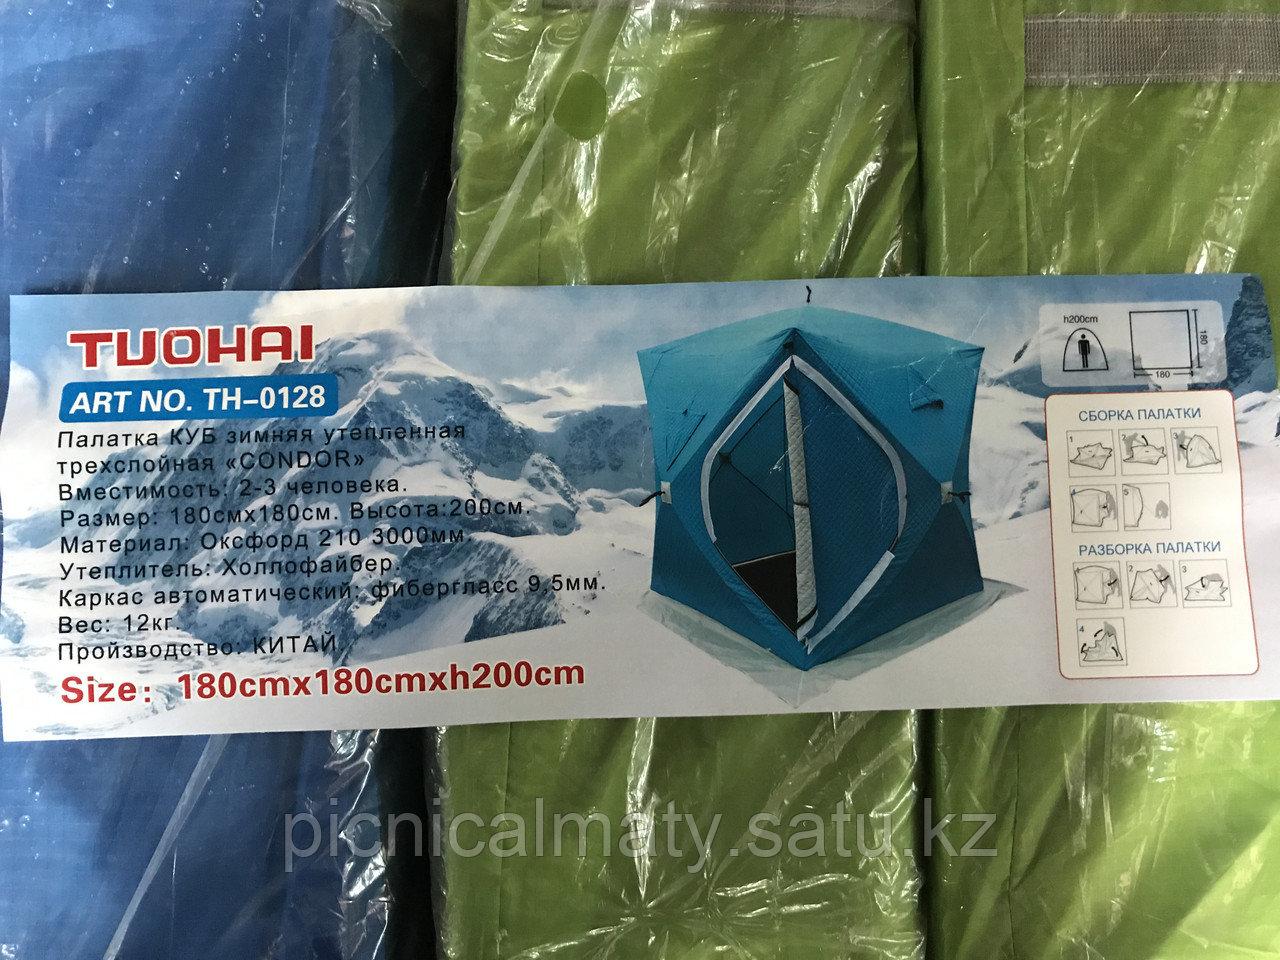 Палатка для зимней рыбалки куб утепленная на синтепоне Tuohai 1,8м - фото 4